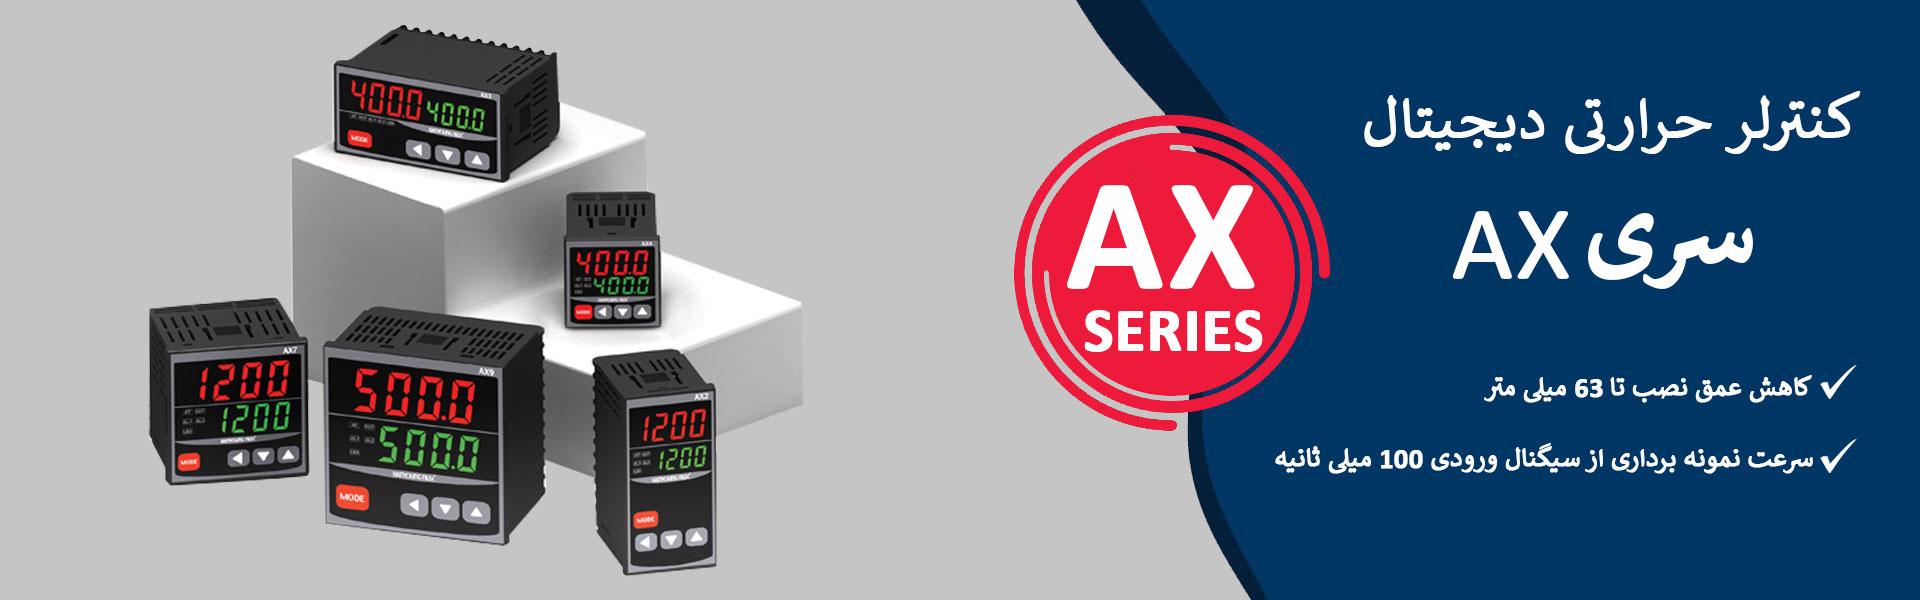 کنترلر حرارتی دیجیتال سری AX